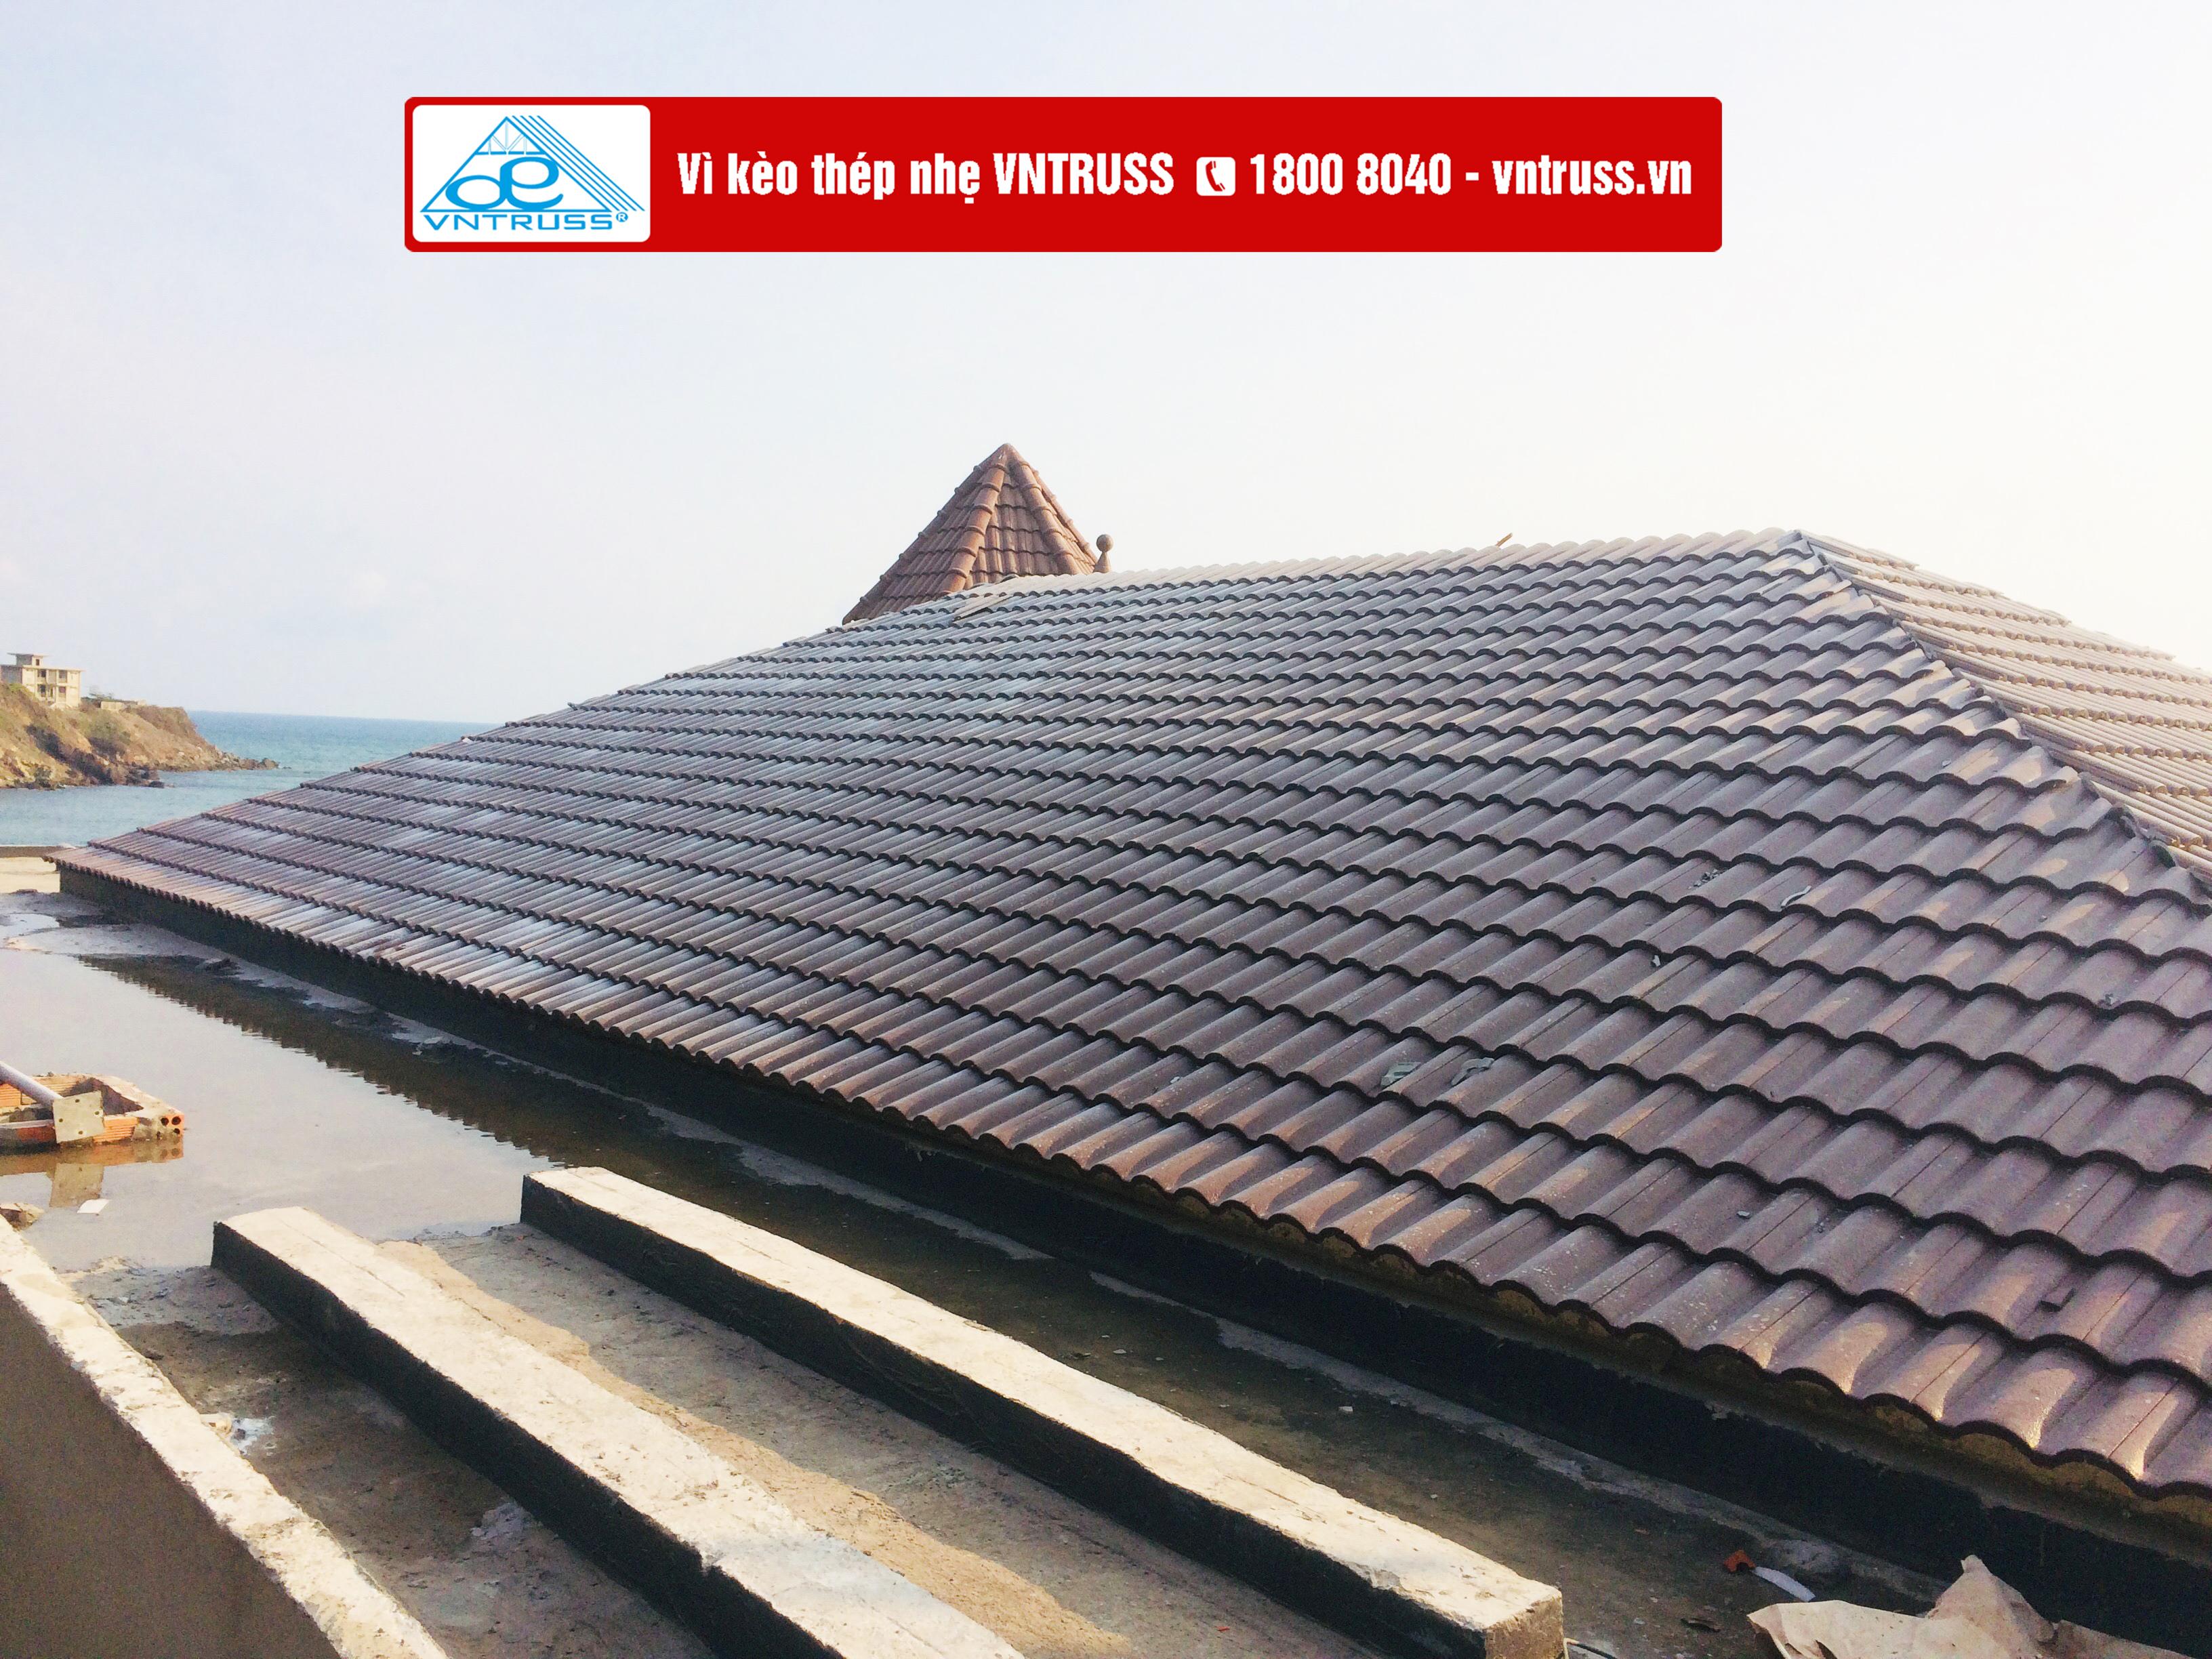 Lan Rừng Resort Vũng Tàu thay vì kèo gỗ bằng vì kèo thép chống rỉ vntruss cho toàn bộ mái ngói